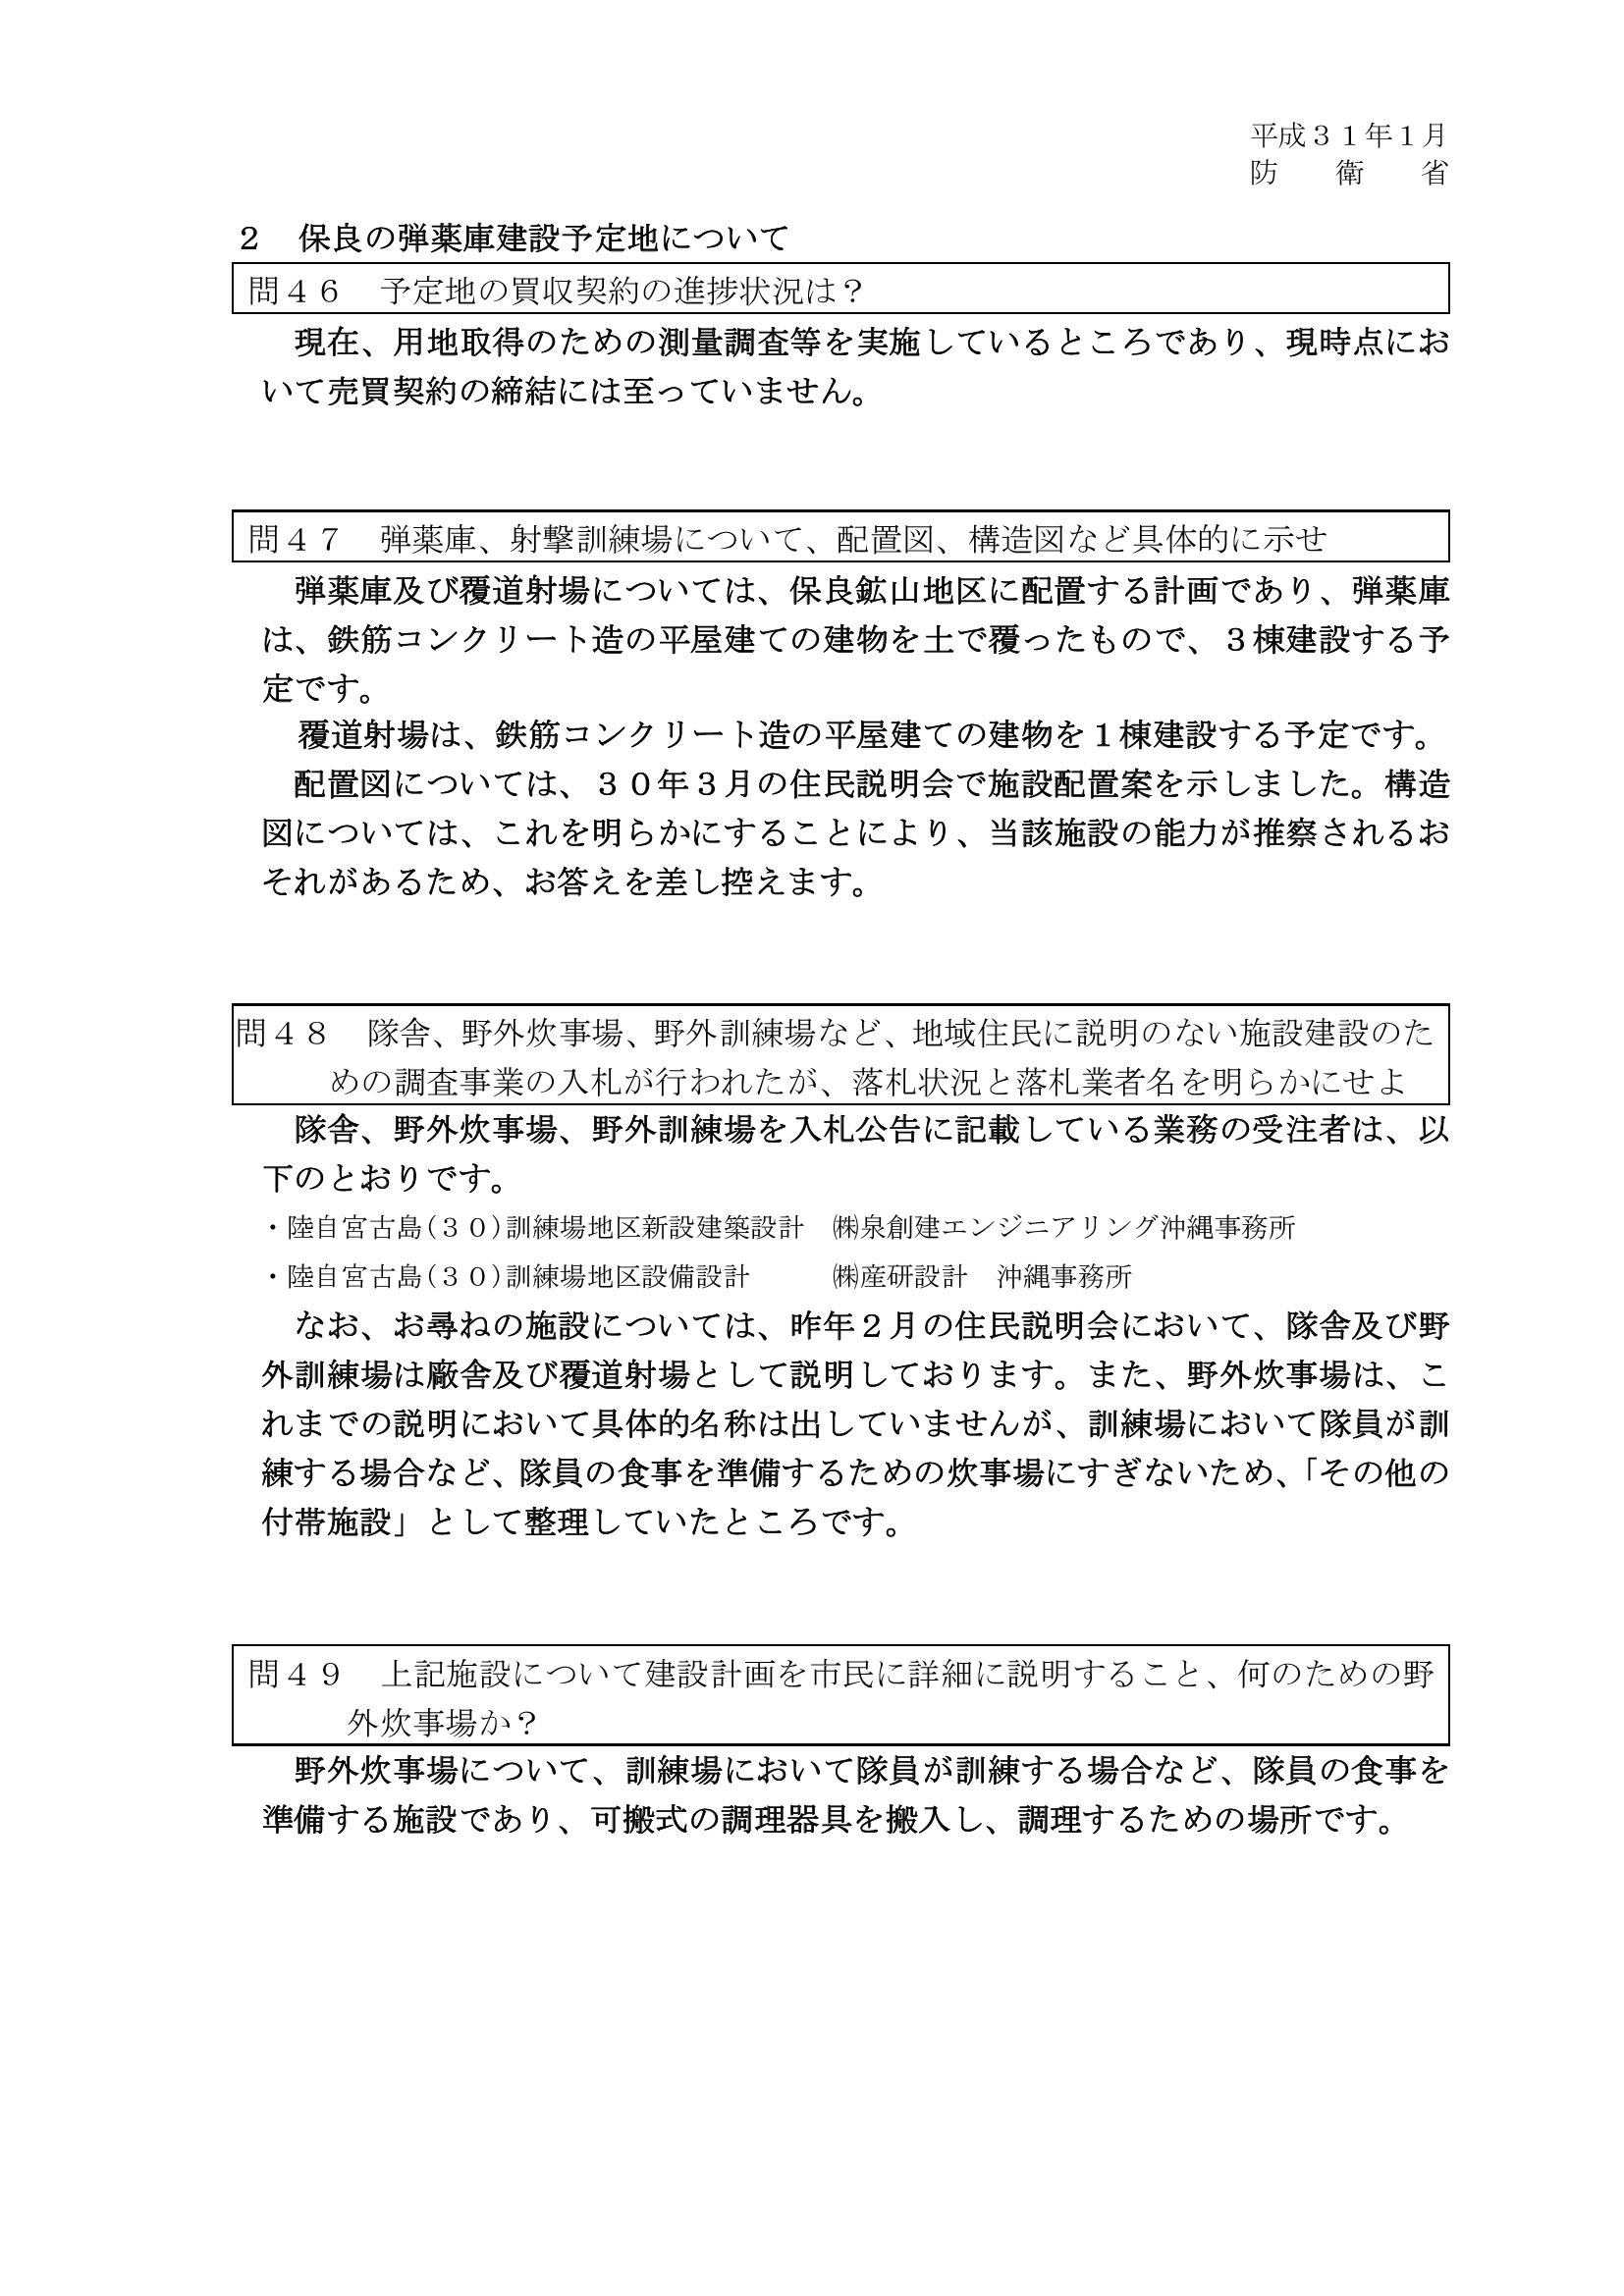 201901防衛省回答0011